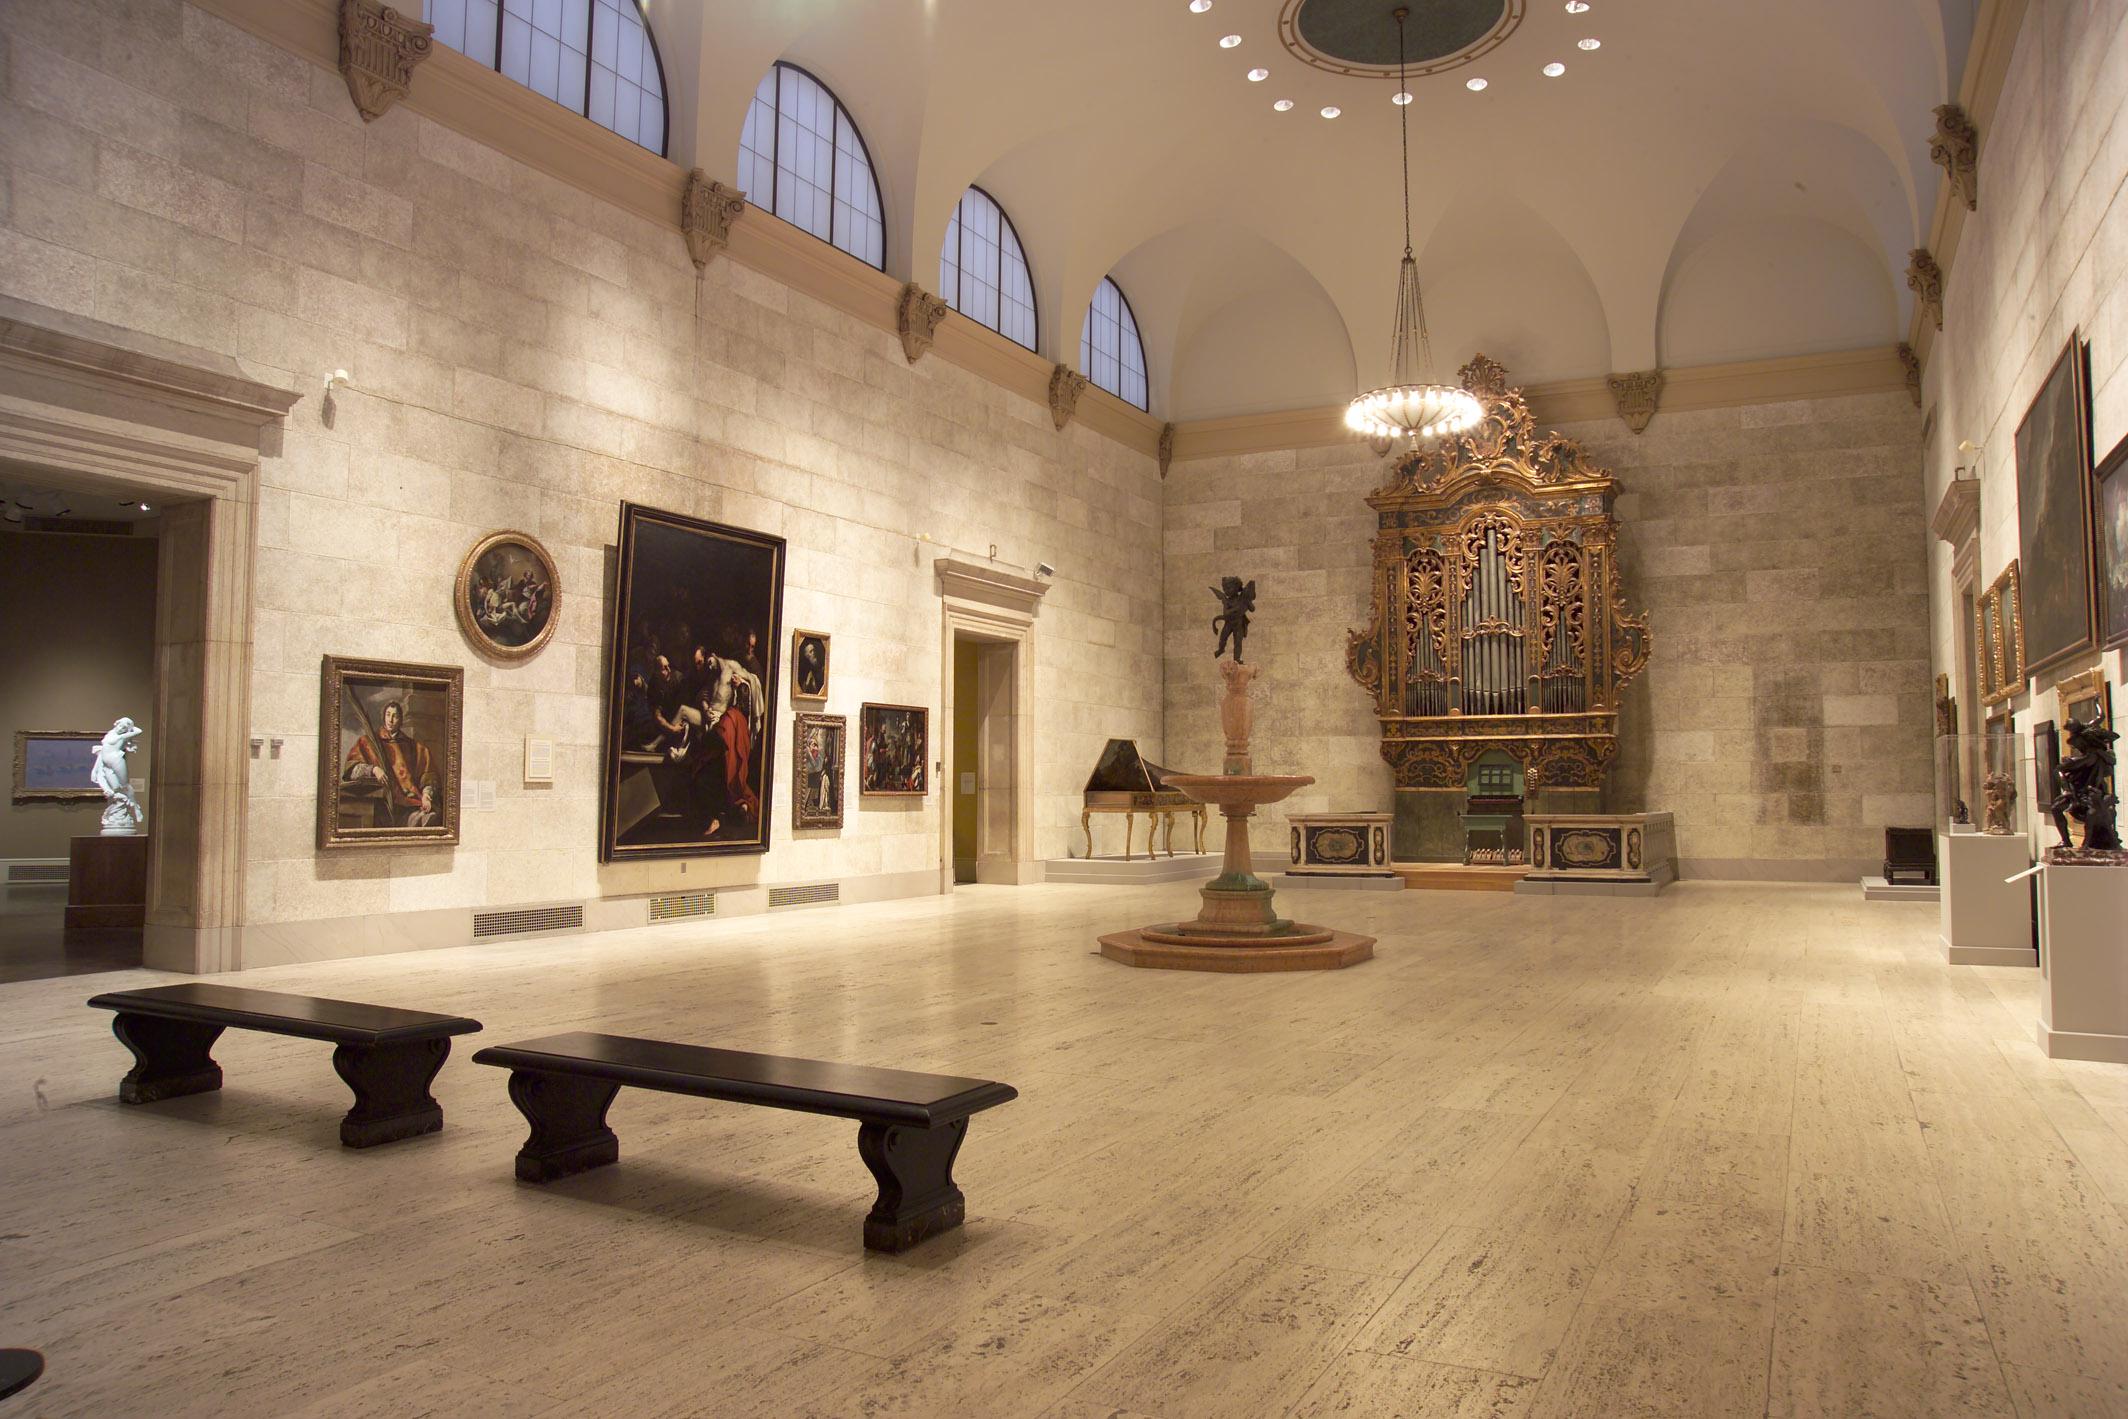 Building, Museum, Interior design, Tourist attraction